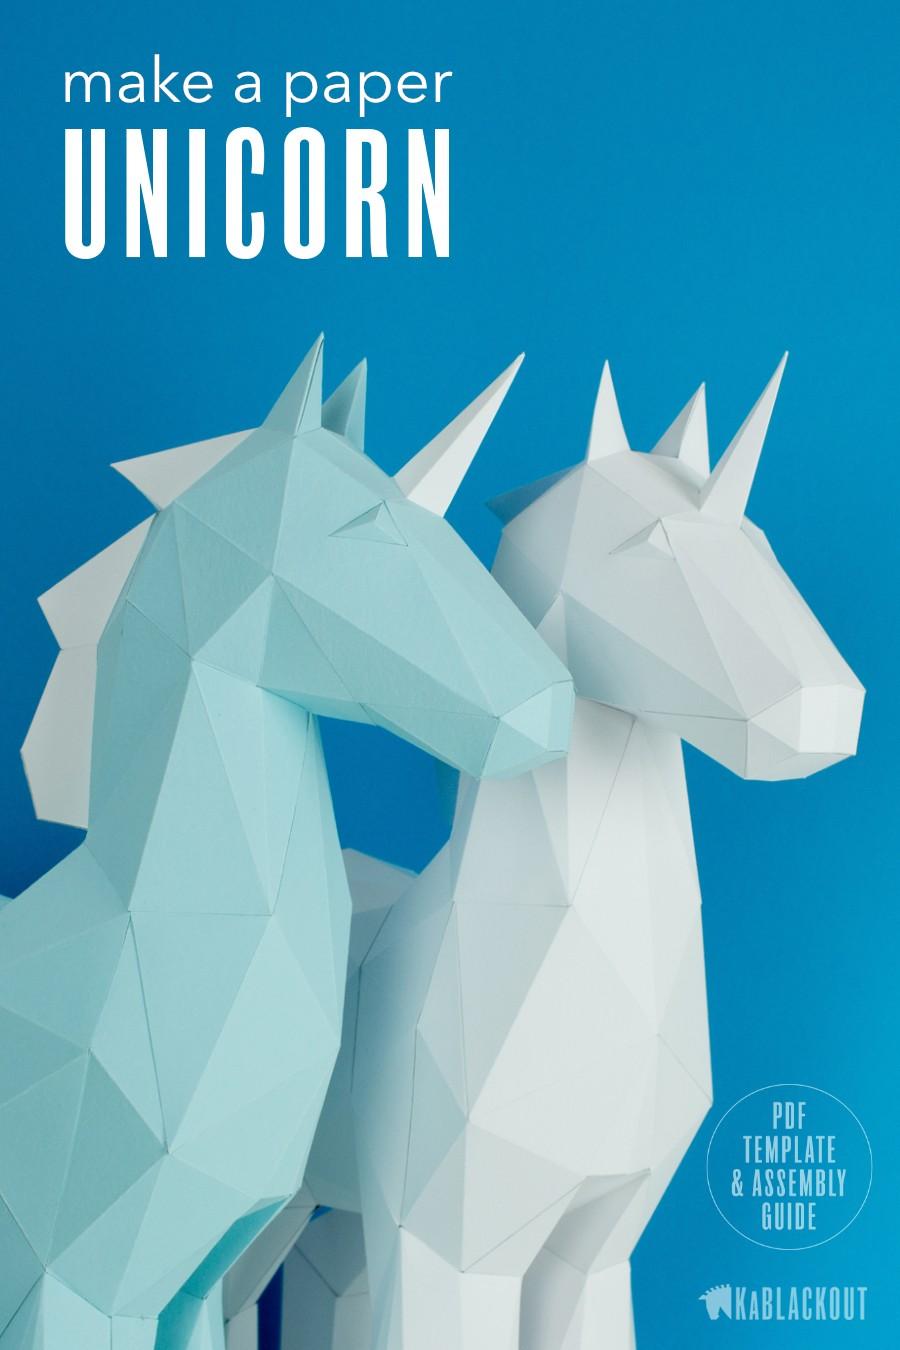 Papercraft Deer Papercraft Unicorn Template Diy Unicorn Papercraft Low Poly